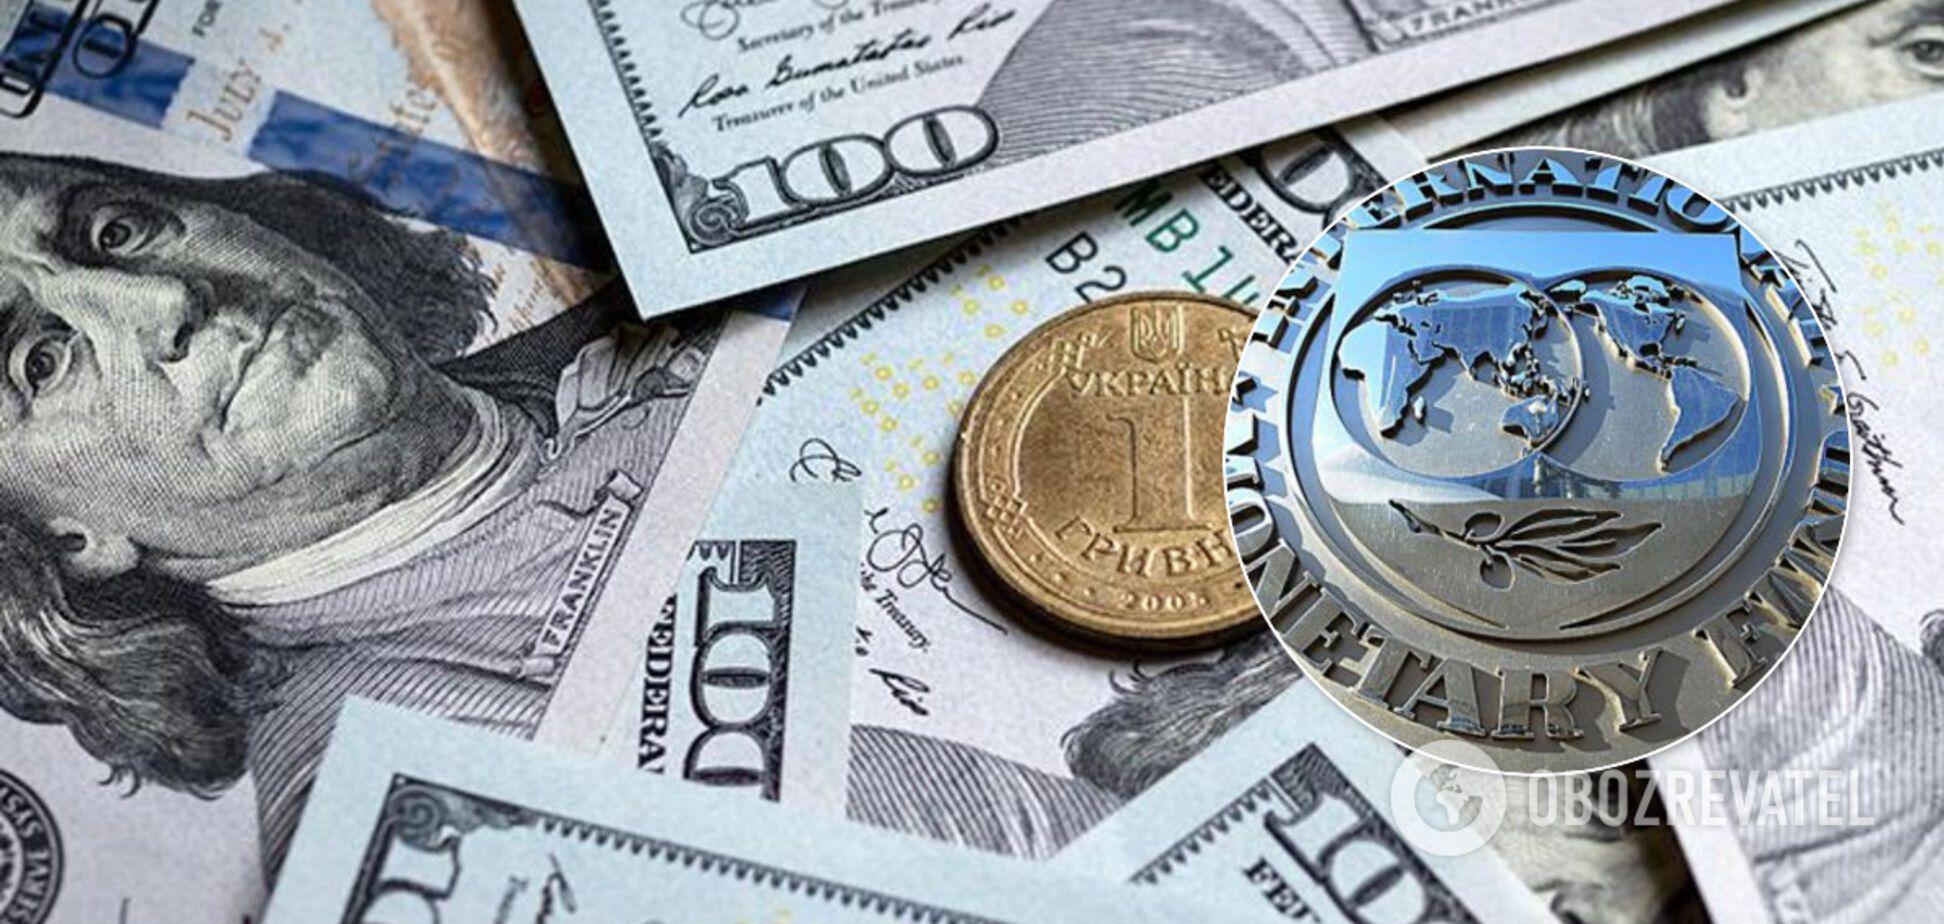 Кому потрібен кредит МВФ: економіст пояснив, які країни отримують гроші